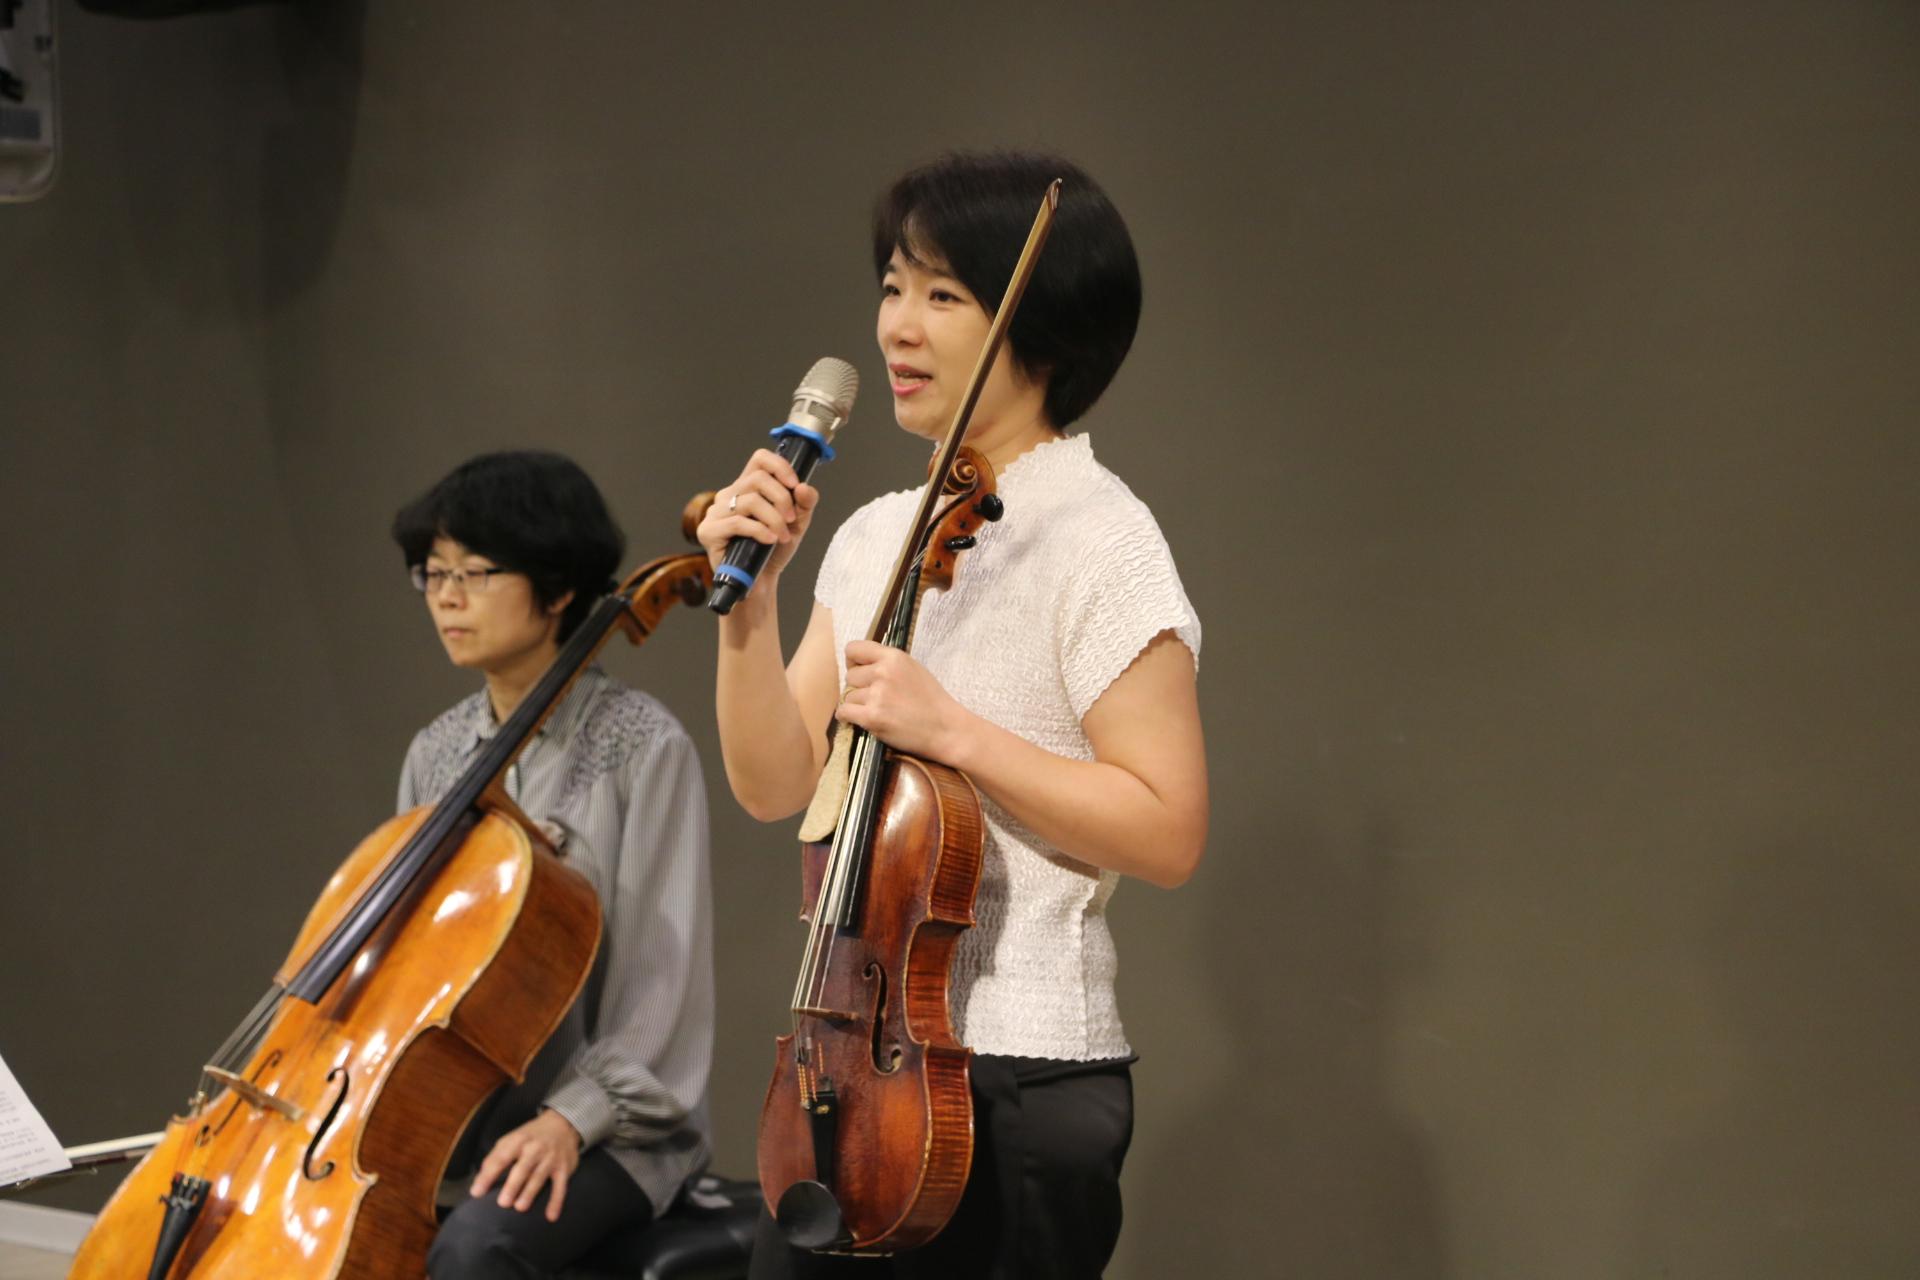 中原大學首創解說式音樂會,拉近聽眾與音樂的距離